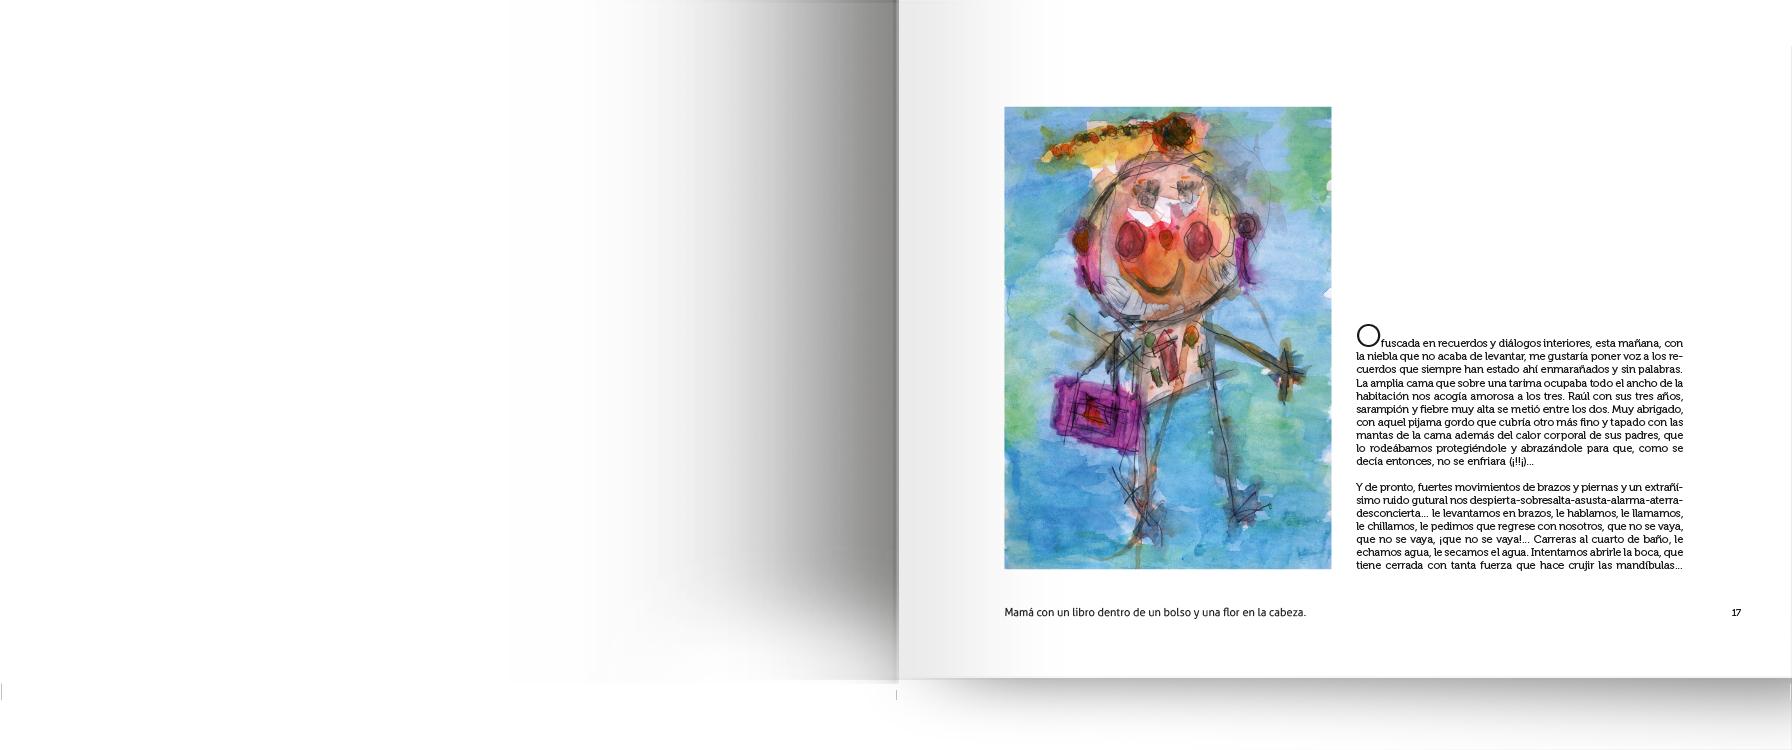 La-cabeza-del-rinoceronte-libro-de-arte-y-diversidad-funcional-6